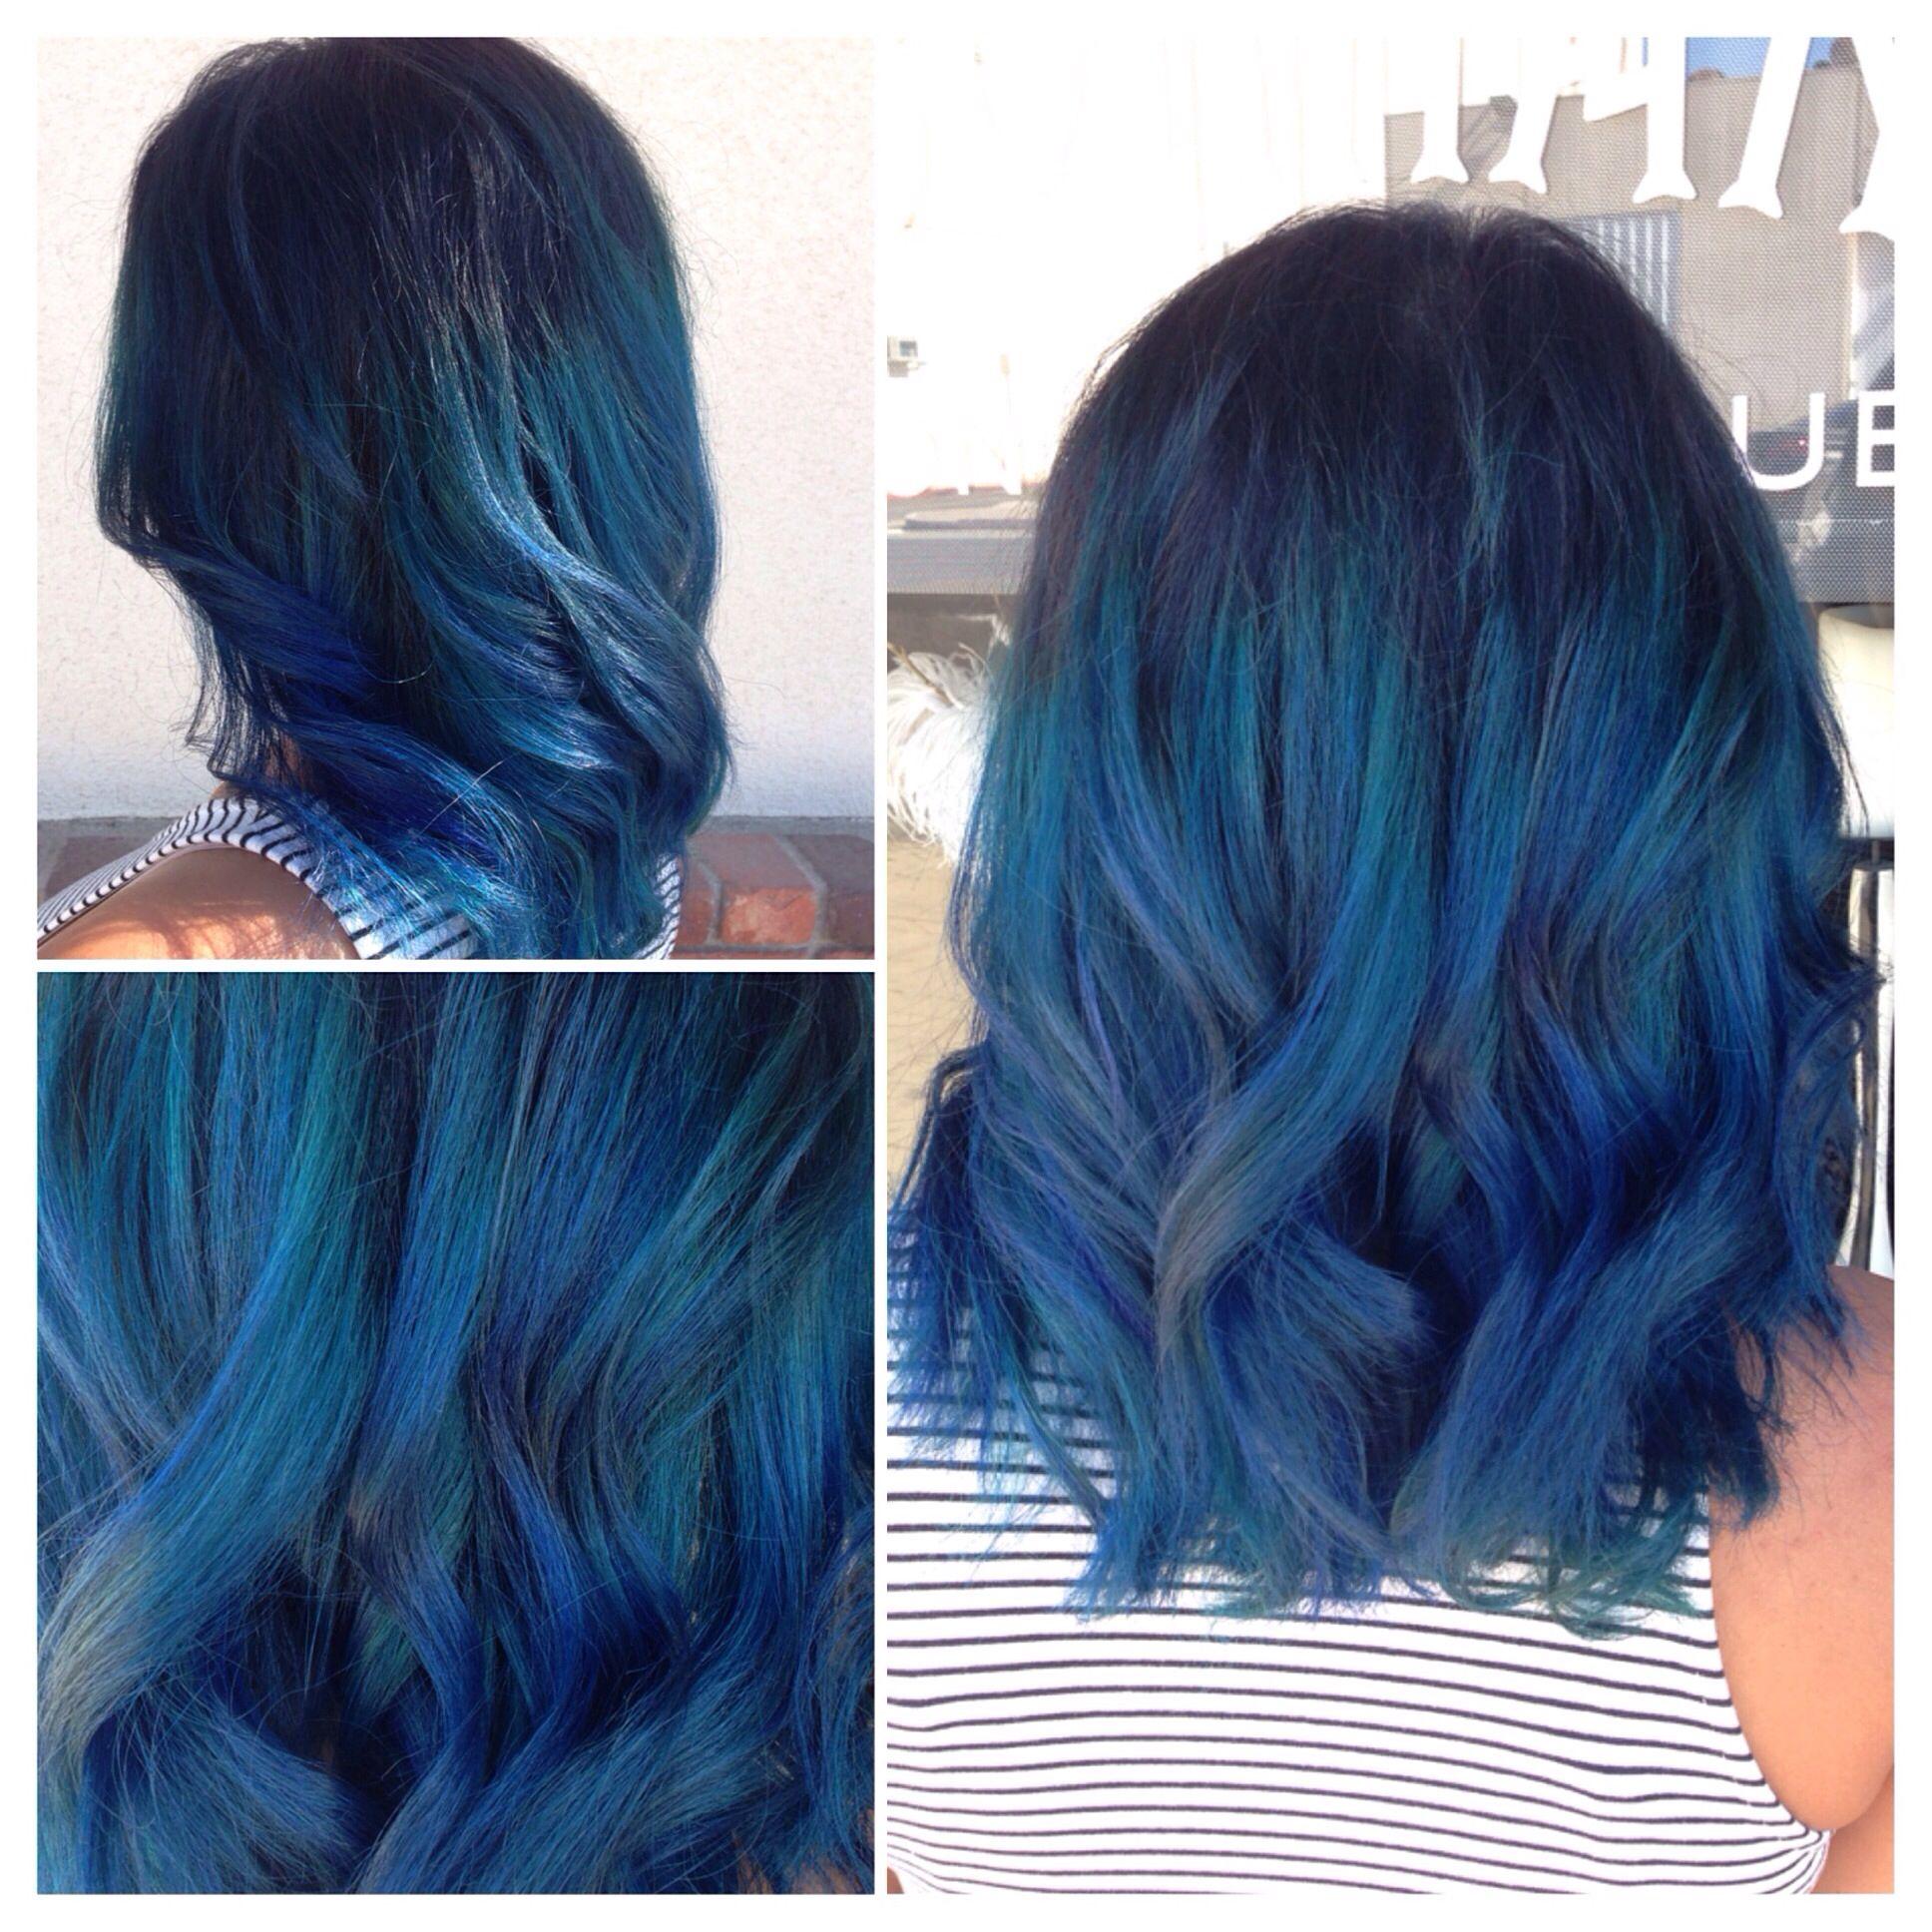 Vibrant blue ombré using joico color intensity cobalt blue do